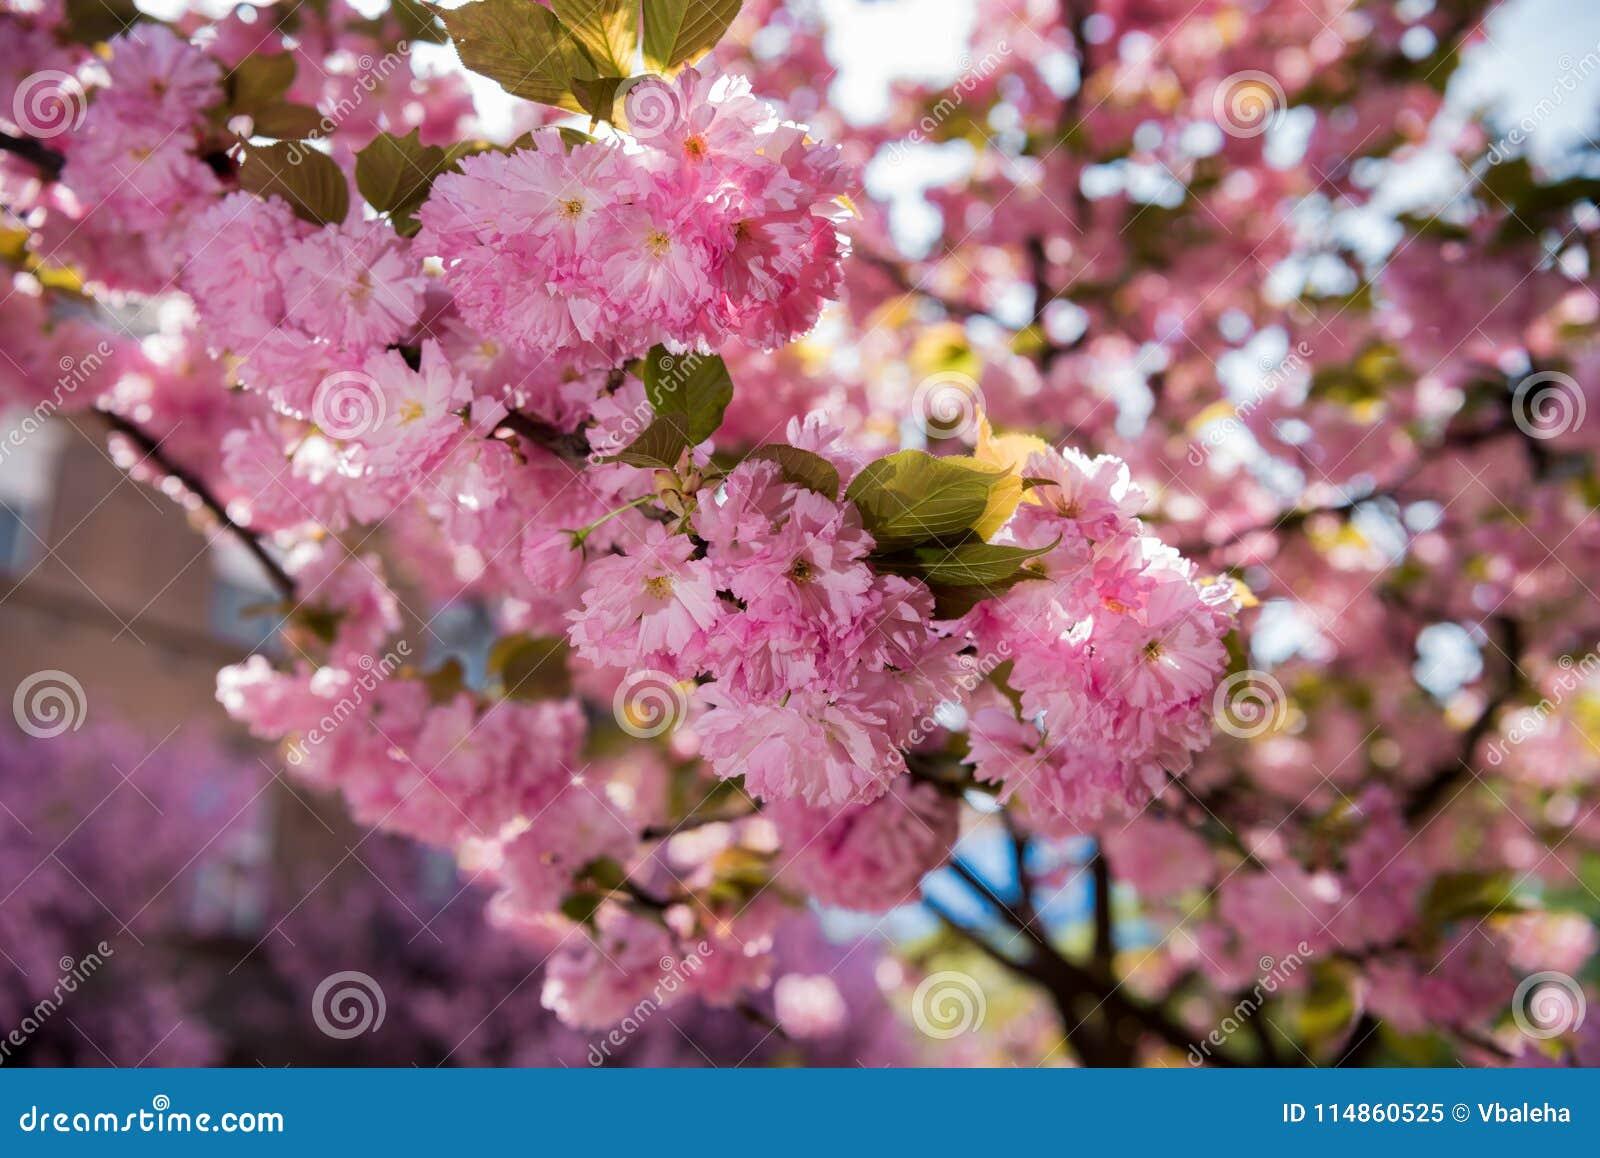 Ciliegio Fiori Bianchi O Rosa.Fiore Giapponese Rosa Del Ciliegio Sakura Immagine Stock